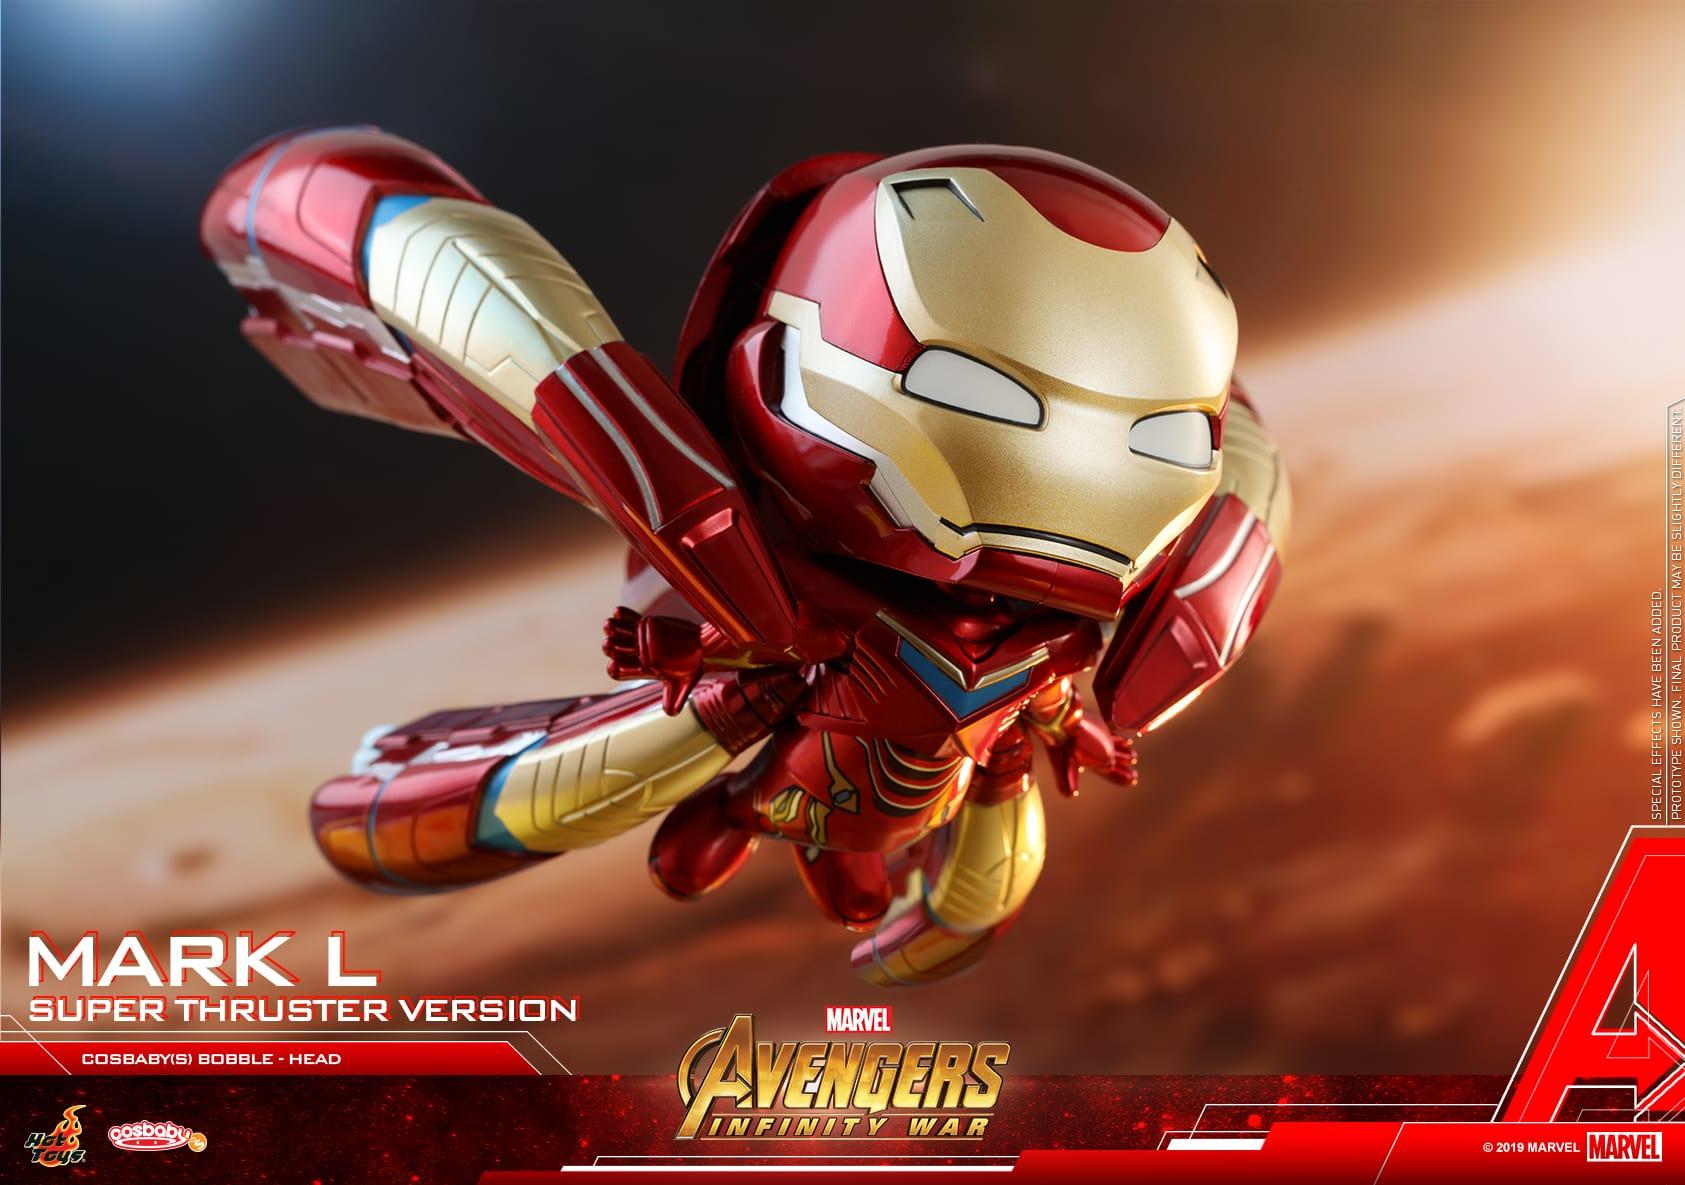 Los Vengadores de Hot Toys: Infinity War Iron Man Mark L Cosbaby revelado